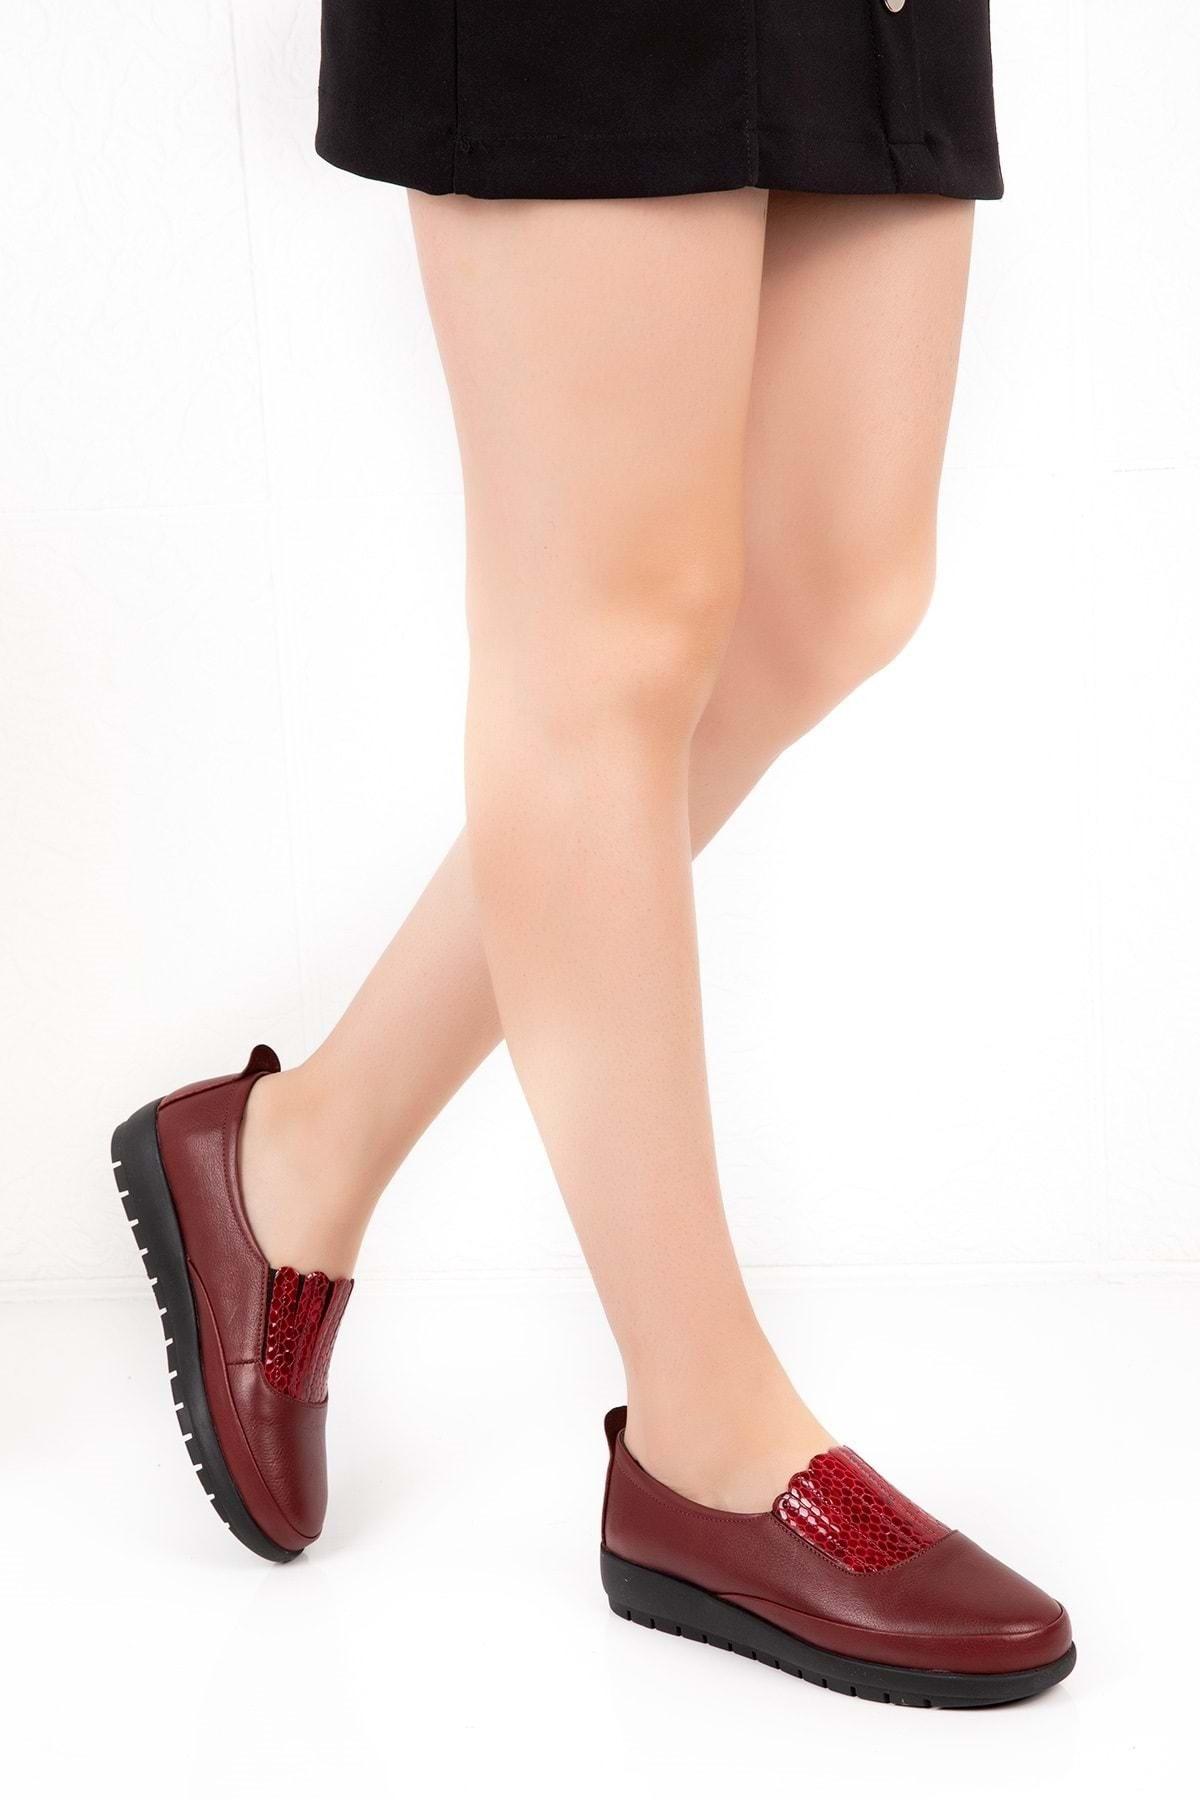 Gondol Kadın Bordo Deri Ortopedik Taban Günlük Ayakkabı 1